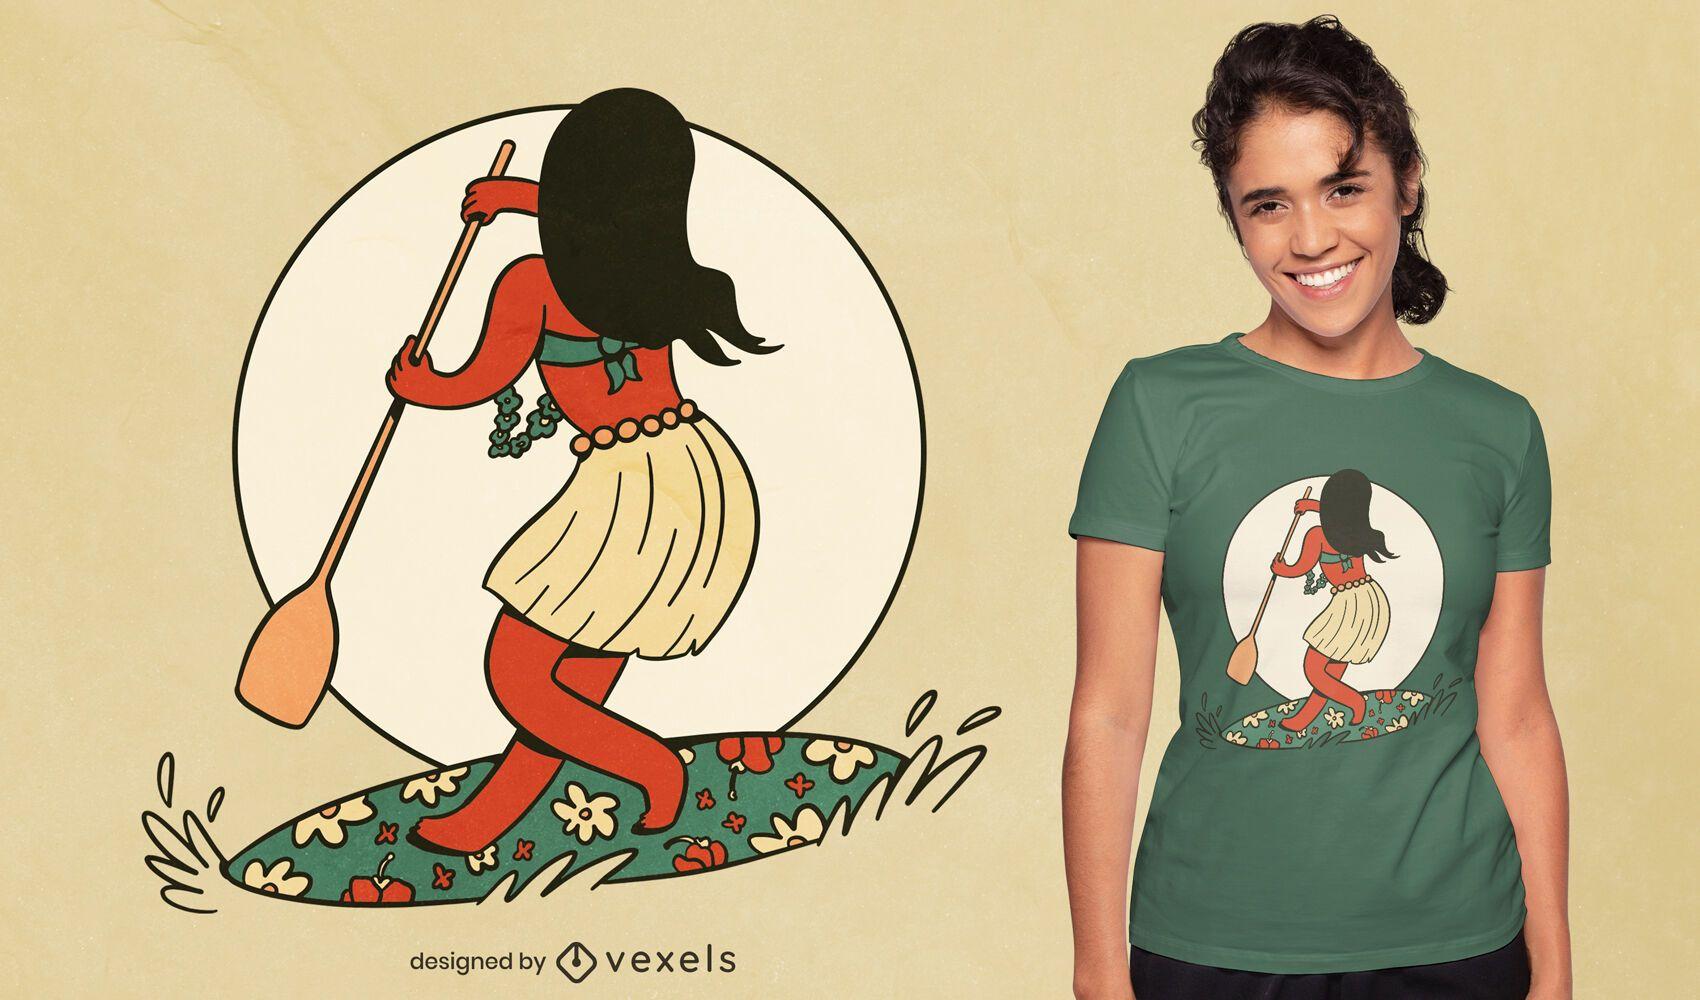 Diseño de camiseta de niña de deporte de paddleboard.